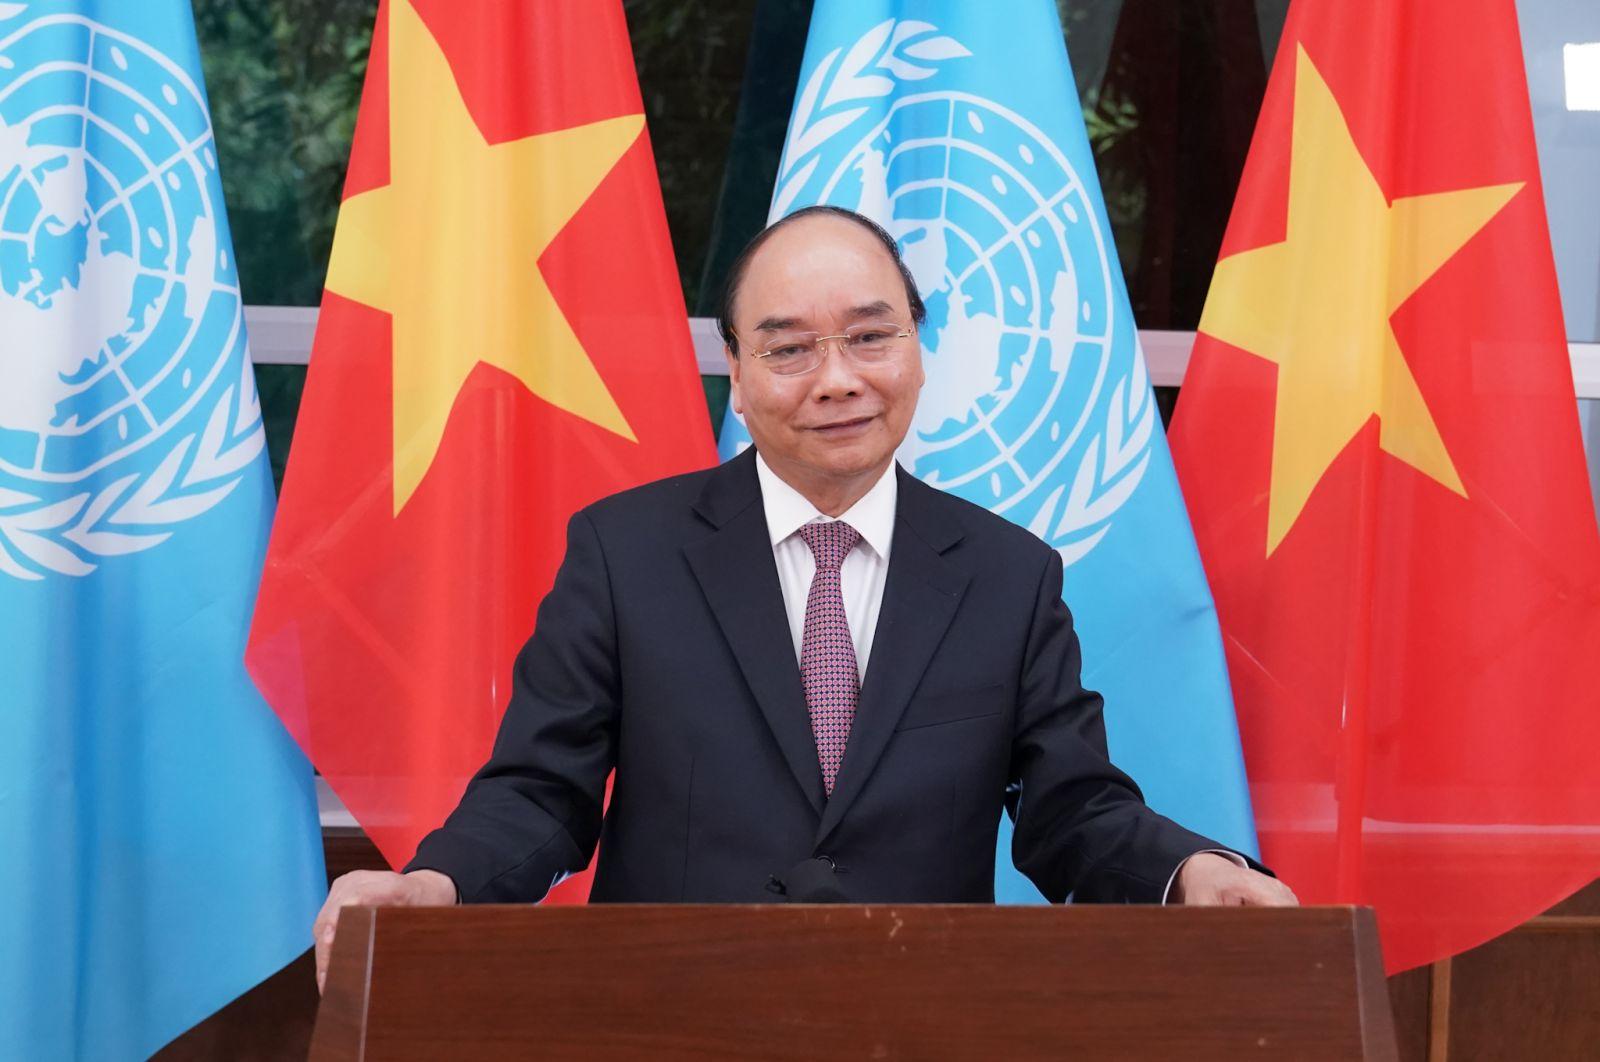 Thủ tướng Chính phủ Nguyễn Xuân Phúc: Thực tại càng cam go, thử thách, chúng ta càng cần đoàn kết, hợp tác, tăng cường chủ nghĩa đa phương với trung tâm là LHQ. Ảnh: VGP/Quang Hiếu